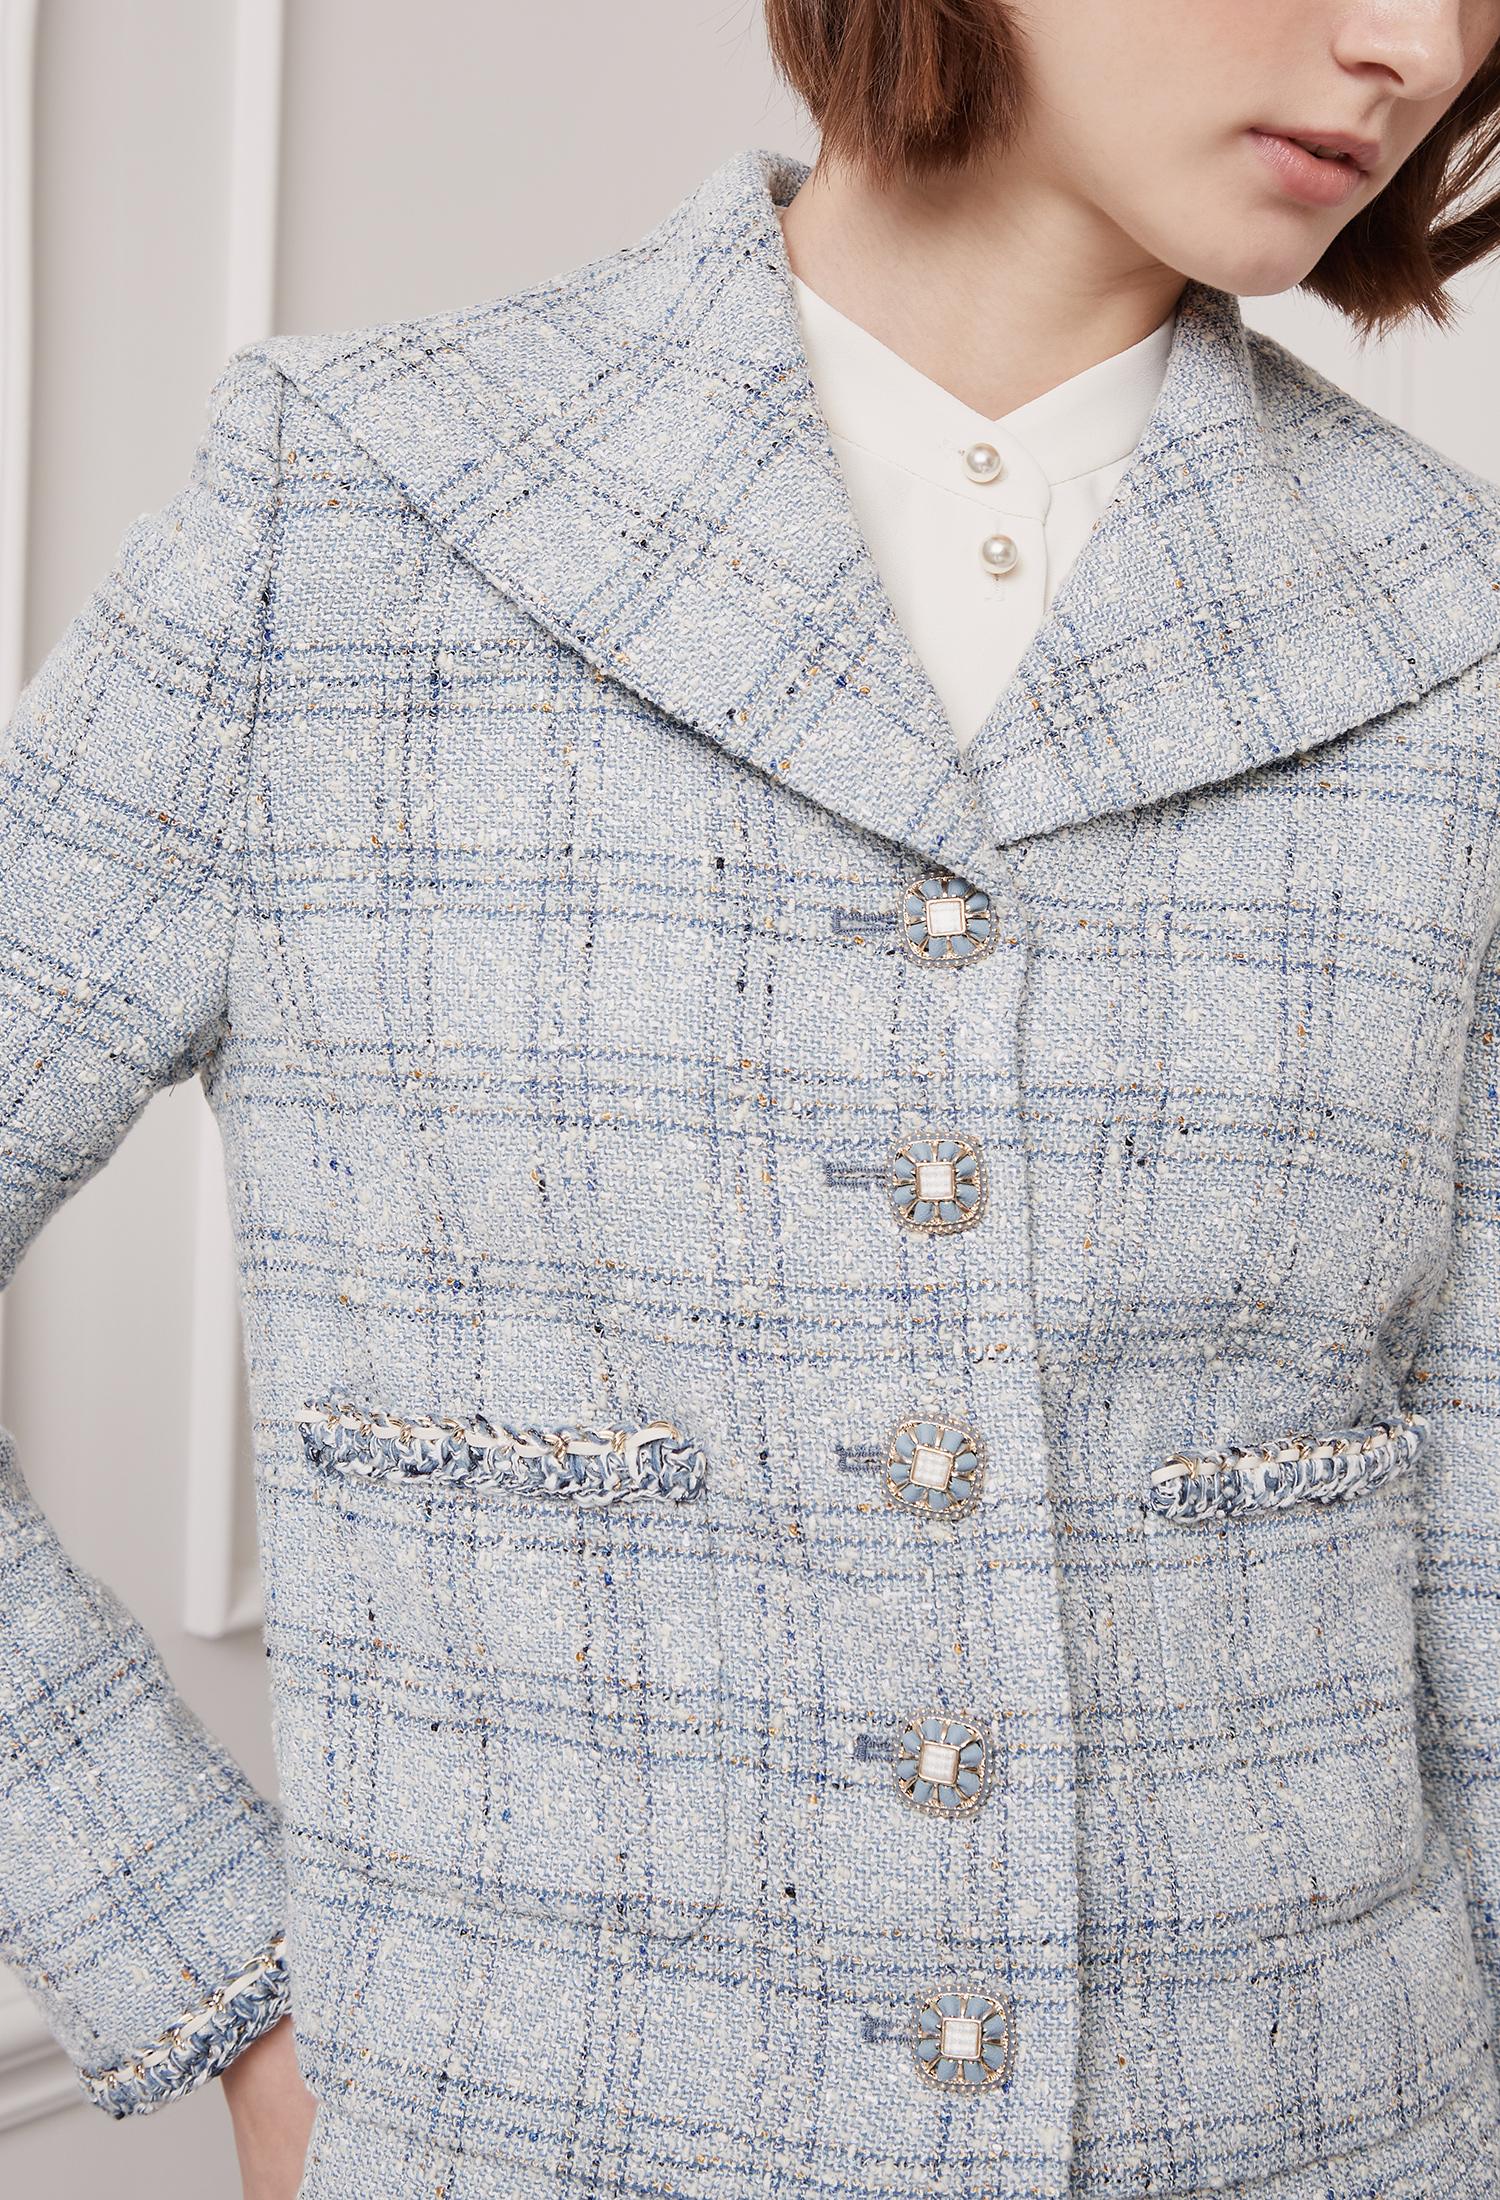 세일러 칼라 트위드 크롭 재킷 (L/BLUE)